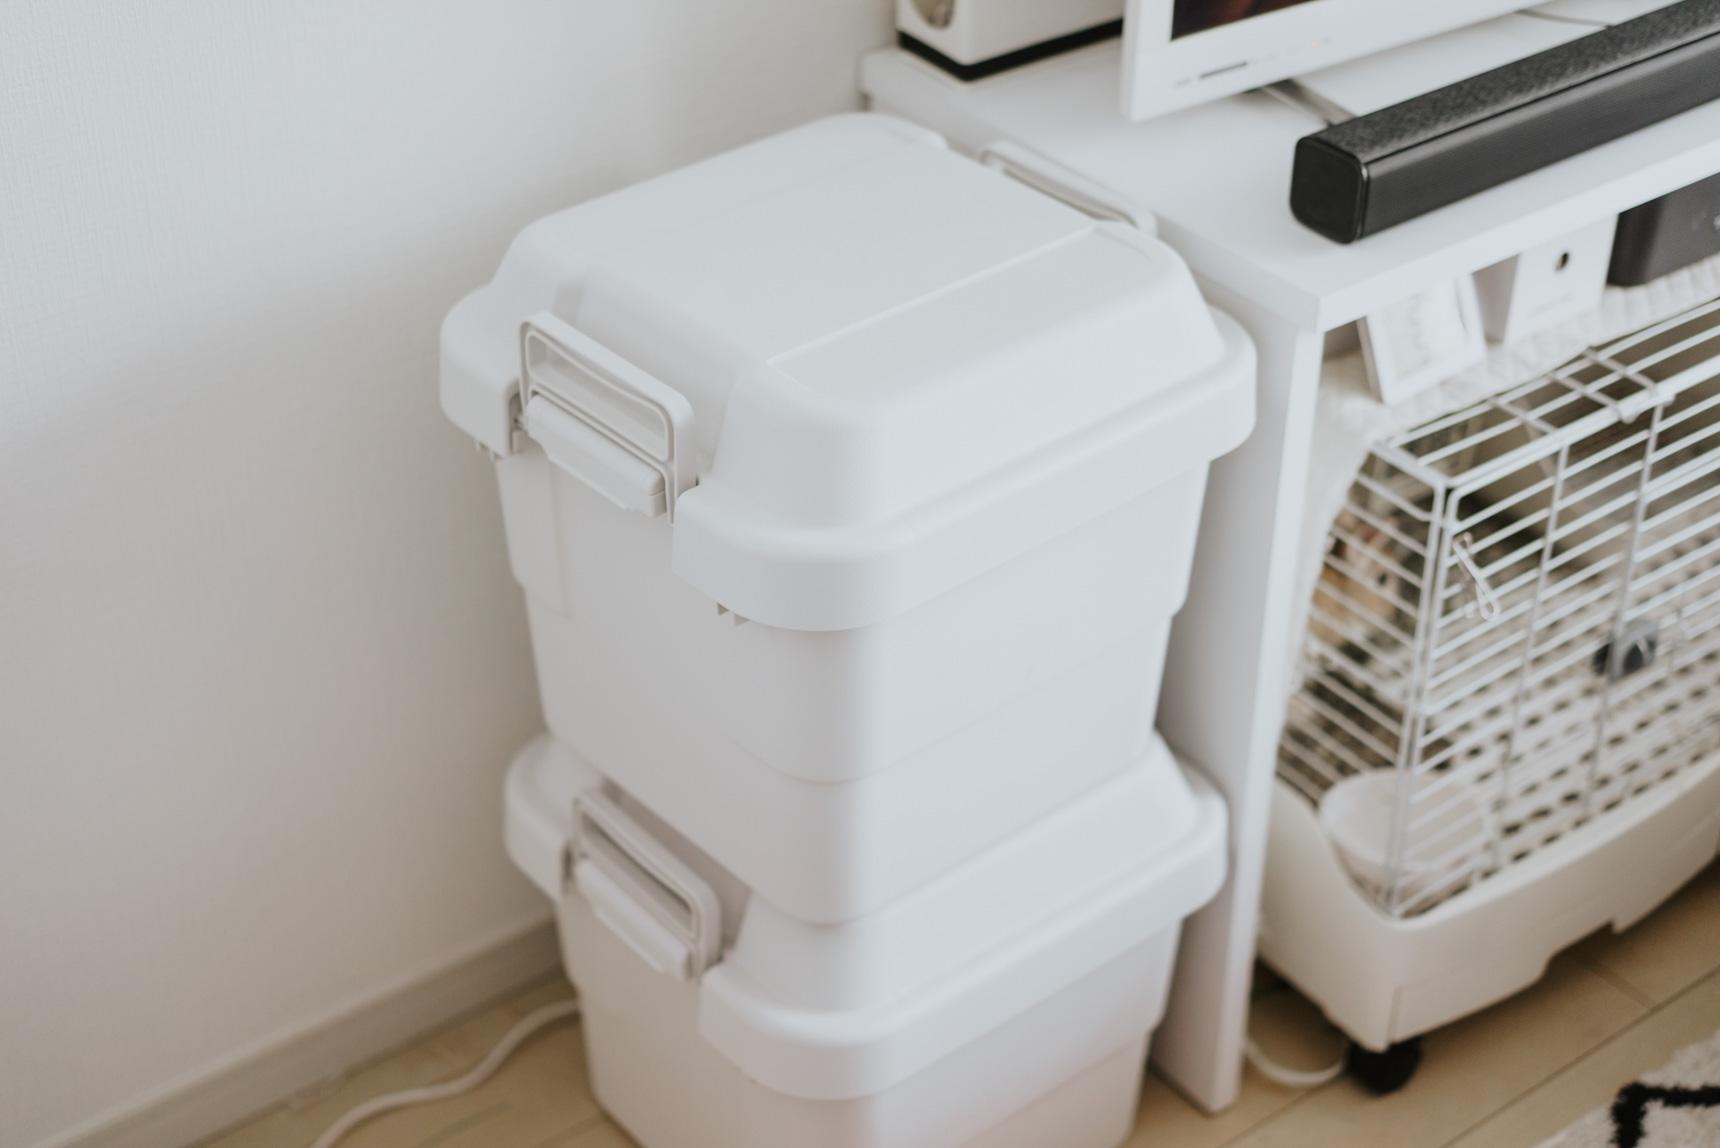 4ka*さんのお部屋では、「ときどき使う」お菓子作りの道具をこちらに収納。湿気やホコリをシャットアウトしてくれるので、ナイスアイディアです。(このお部屋はこちら)